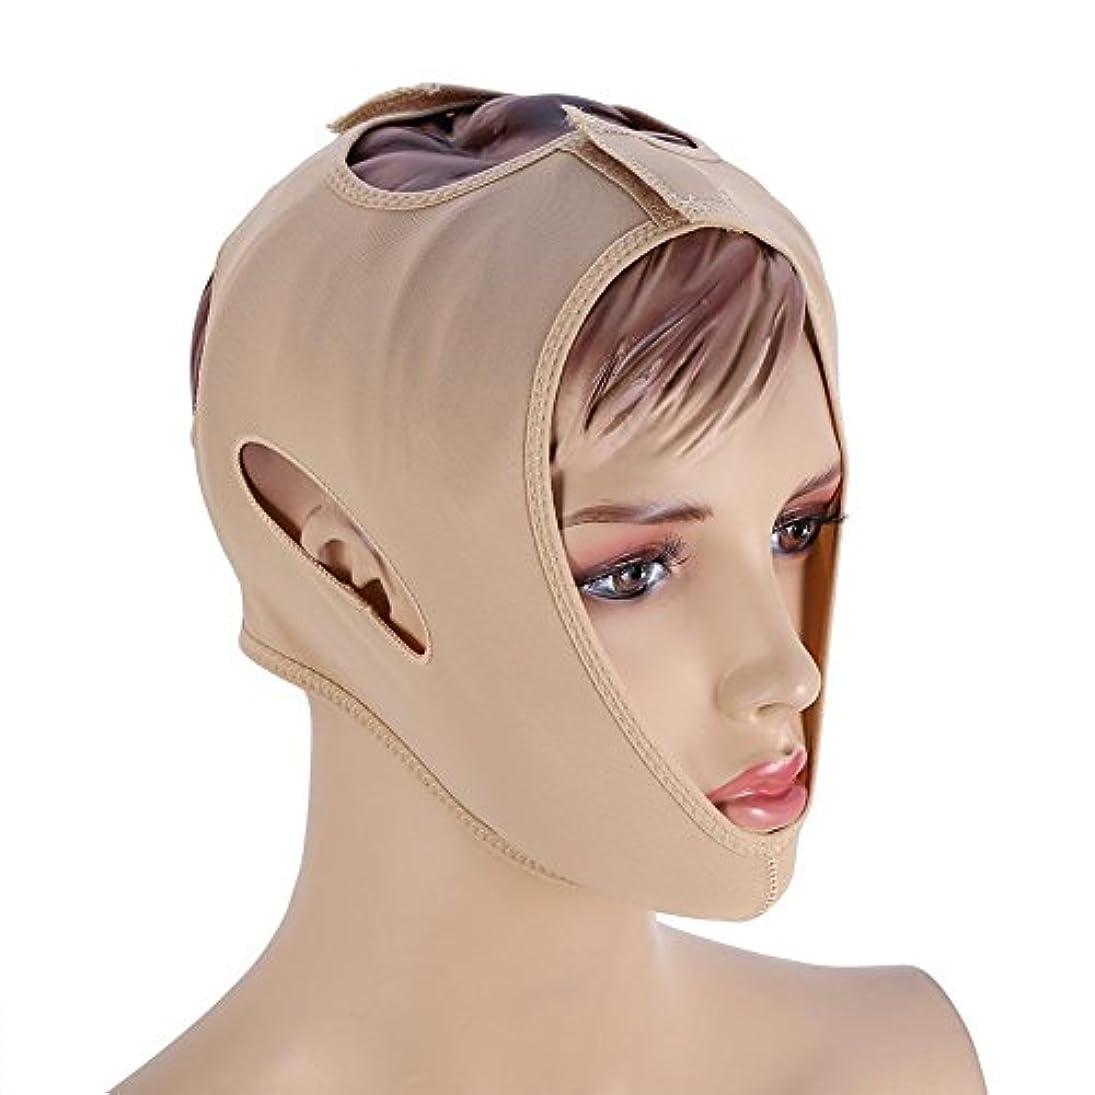 口述クラフト最大のフェイスベルト 額、顎下、頬リフトアップ 小顔 美顔 頬のたるみ 引き上げマスク便利 伸縮性 繊維 (L码)